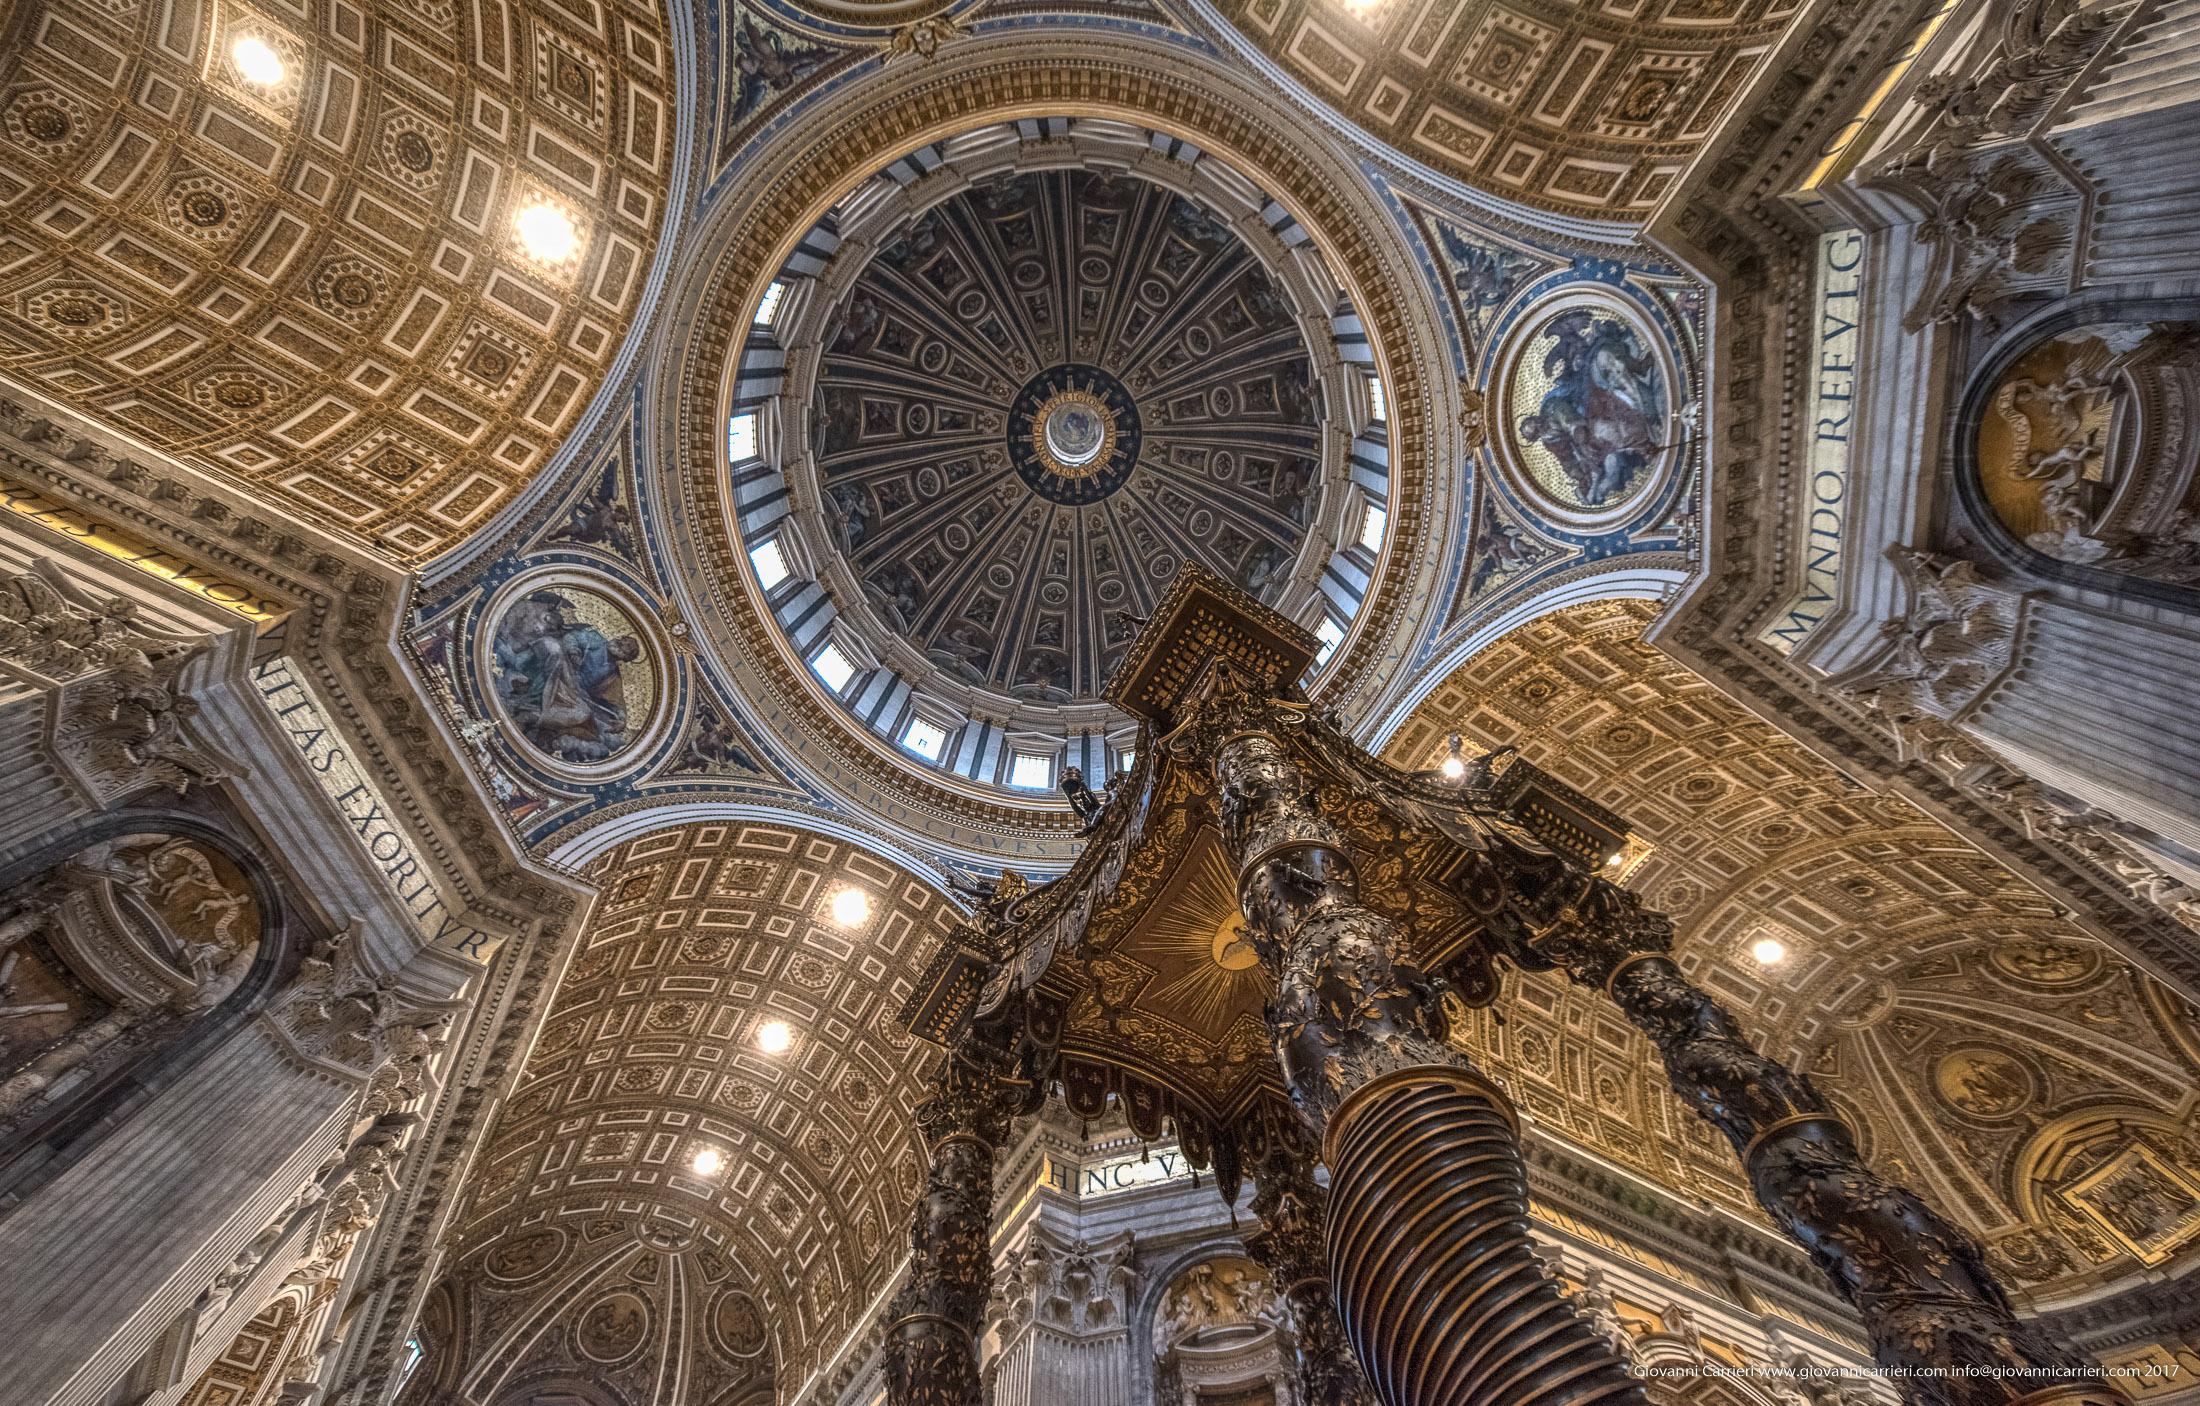 La Cupola del Michelangelo vista dalla navata centrale